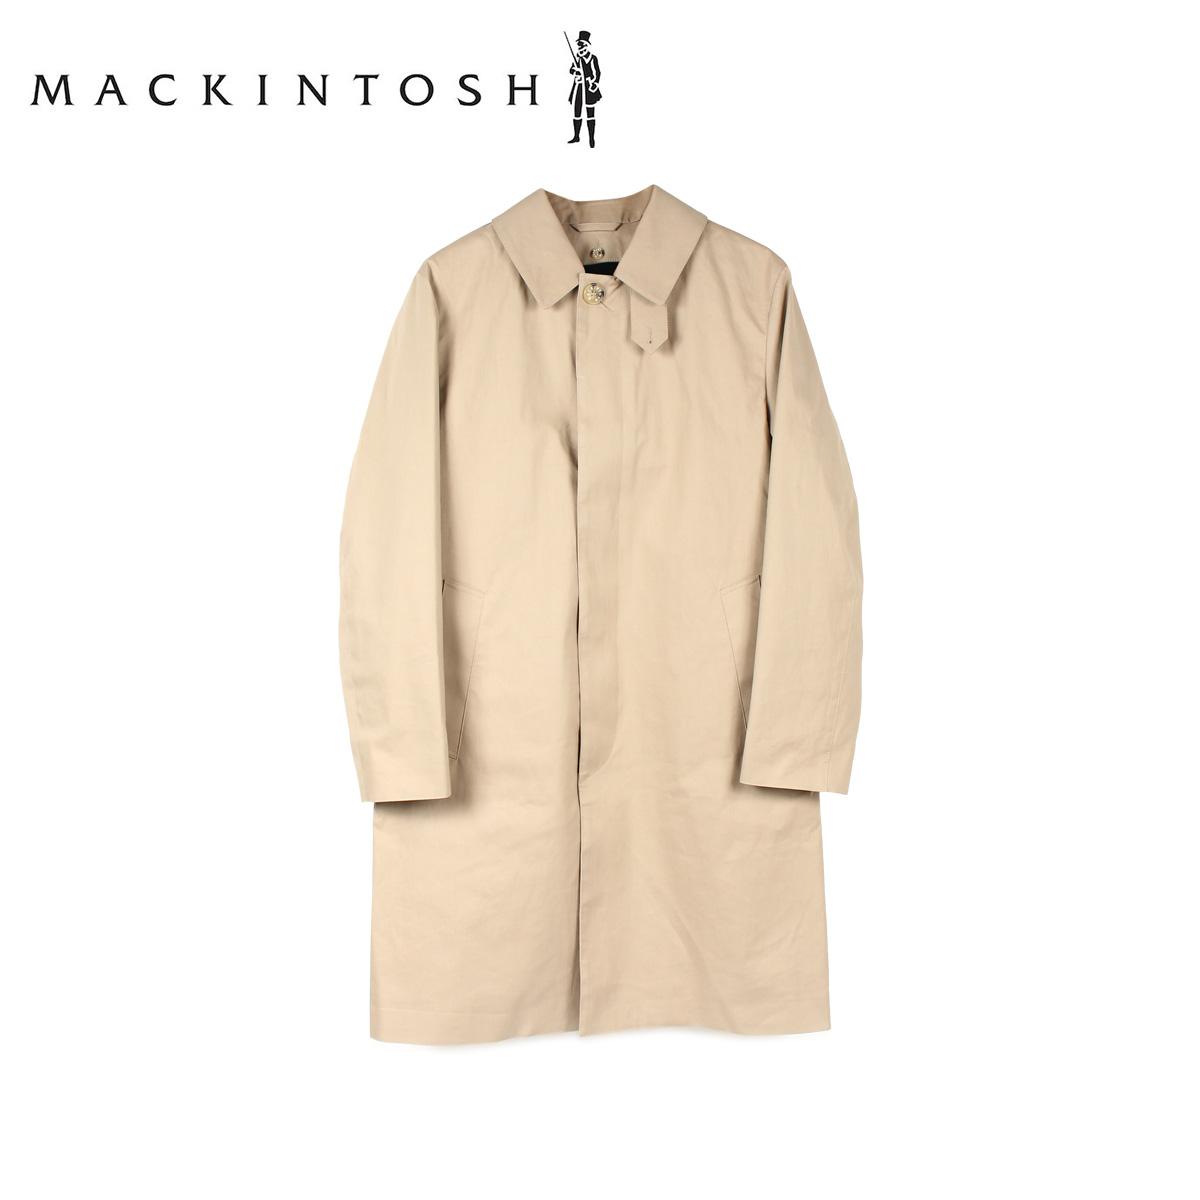 【最大2000円OFFクーポン】 マッキントッシュ Mackintosh ダンケルド コート ステンカラー メンズ DUNKELD ベージュ GM-1001FD